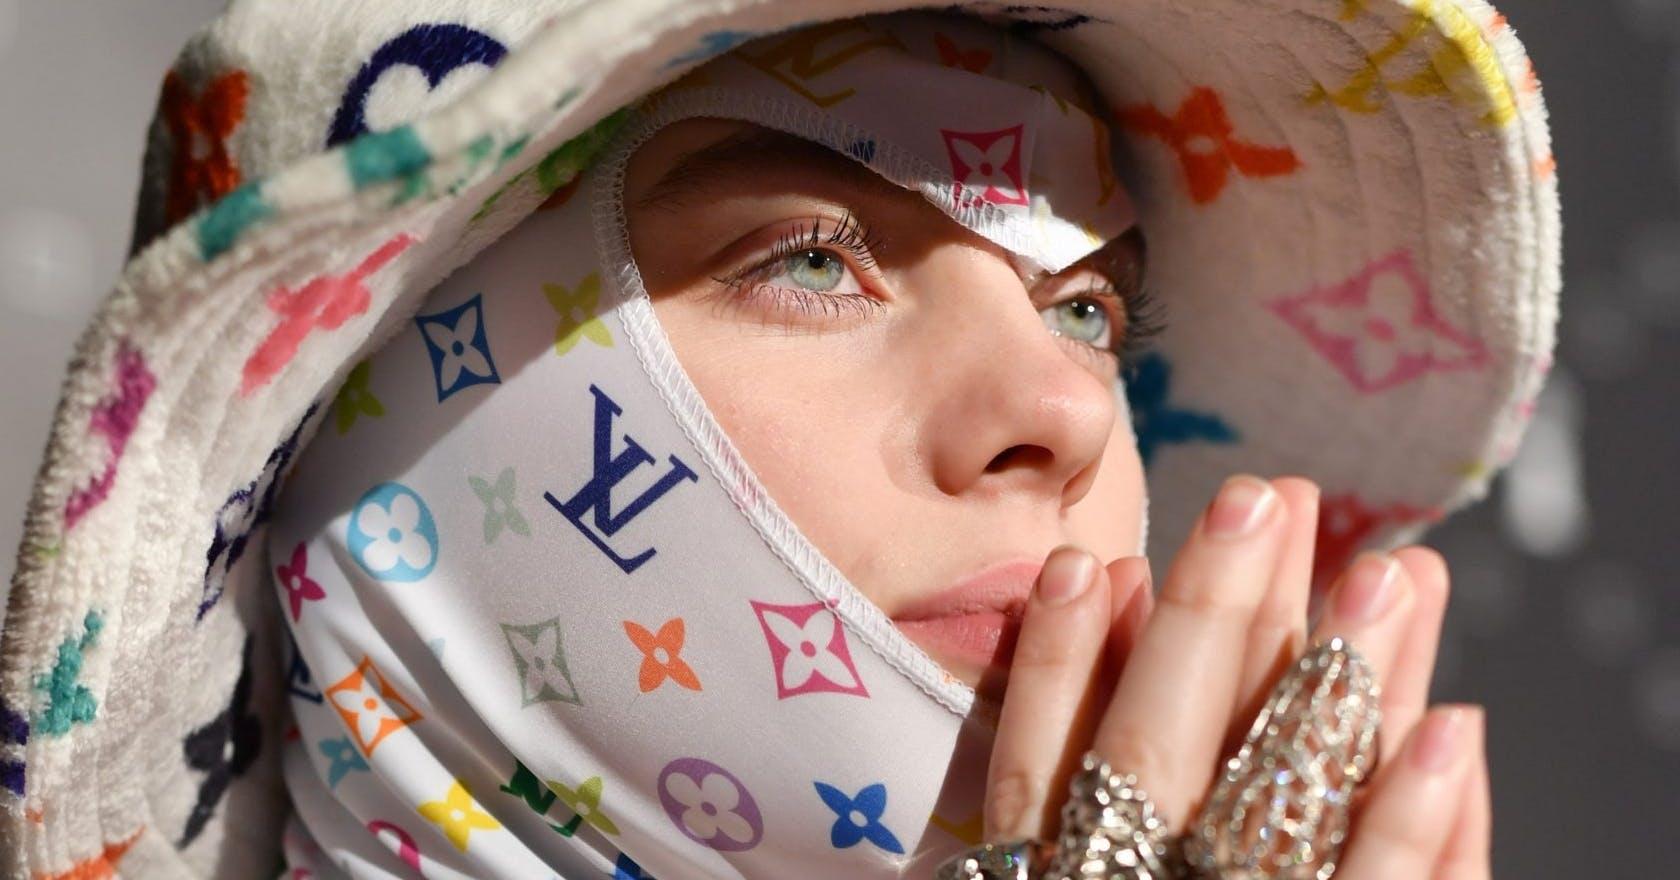 Billie Eilish S Calvin Klein Video On Body Shaming